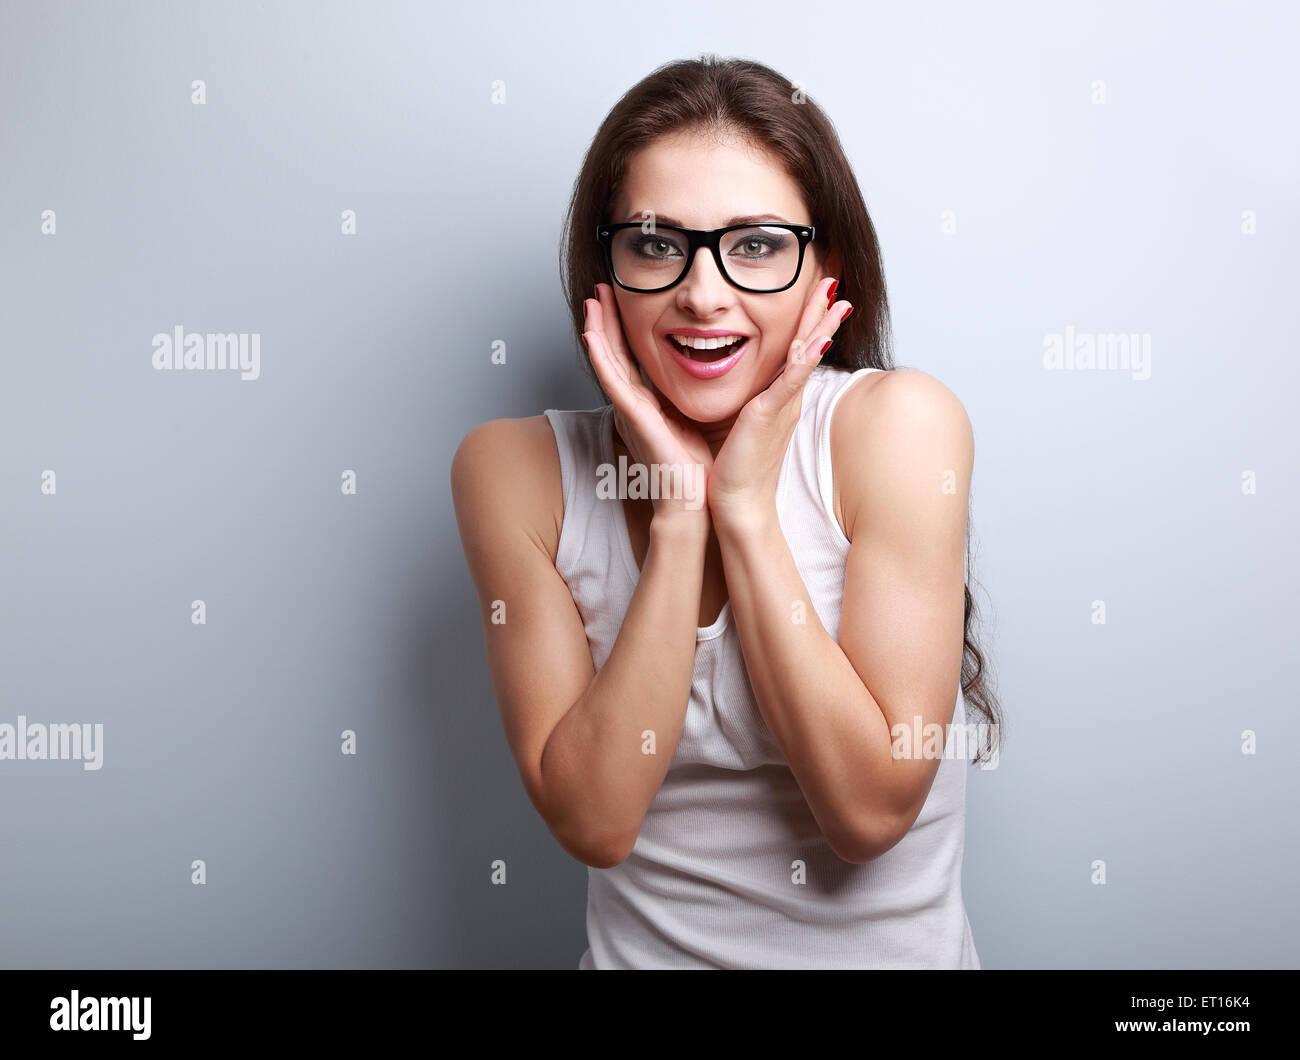 Emocionada sorprendente divertido joven con gafas en la boca abierta sobre fondo azul, con copia espacio vacío Imagen De Stock